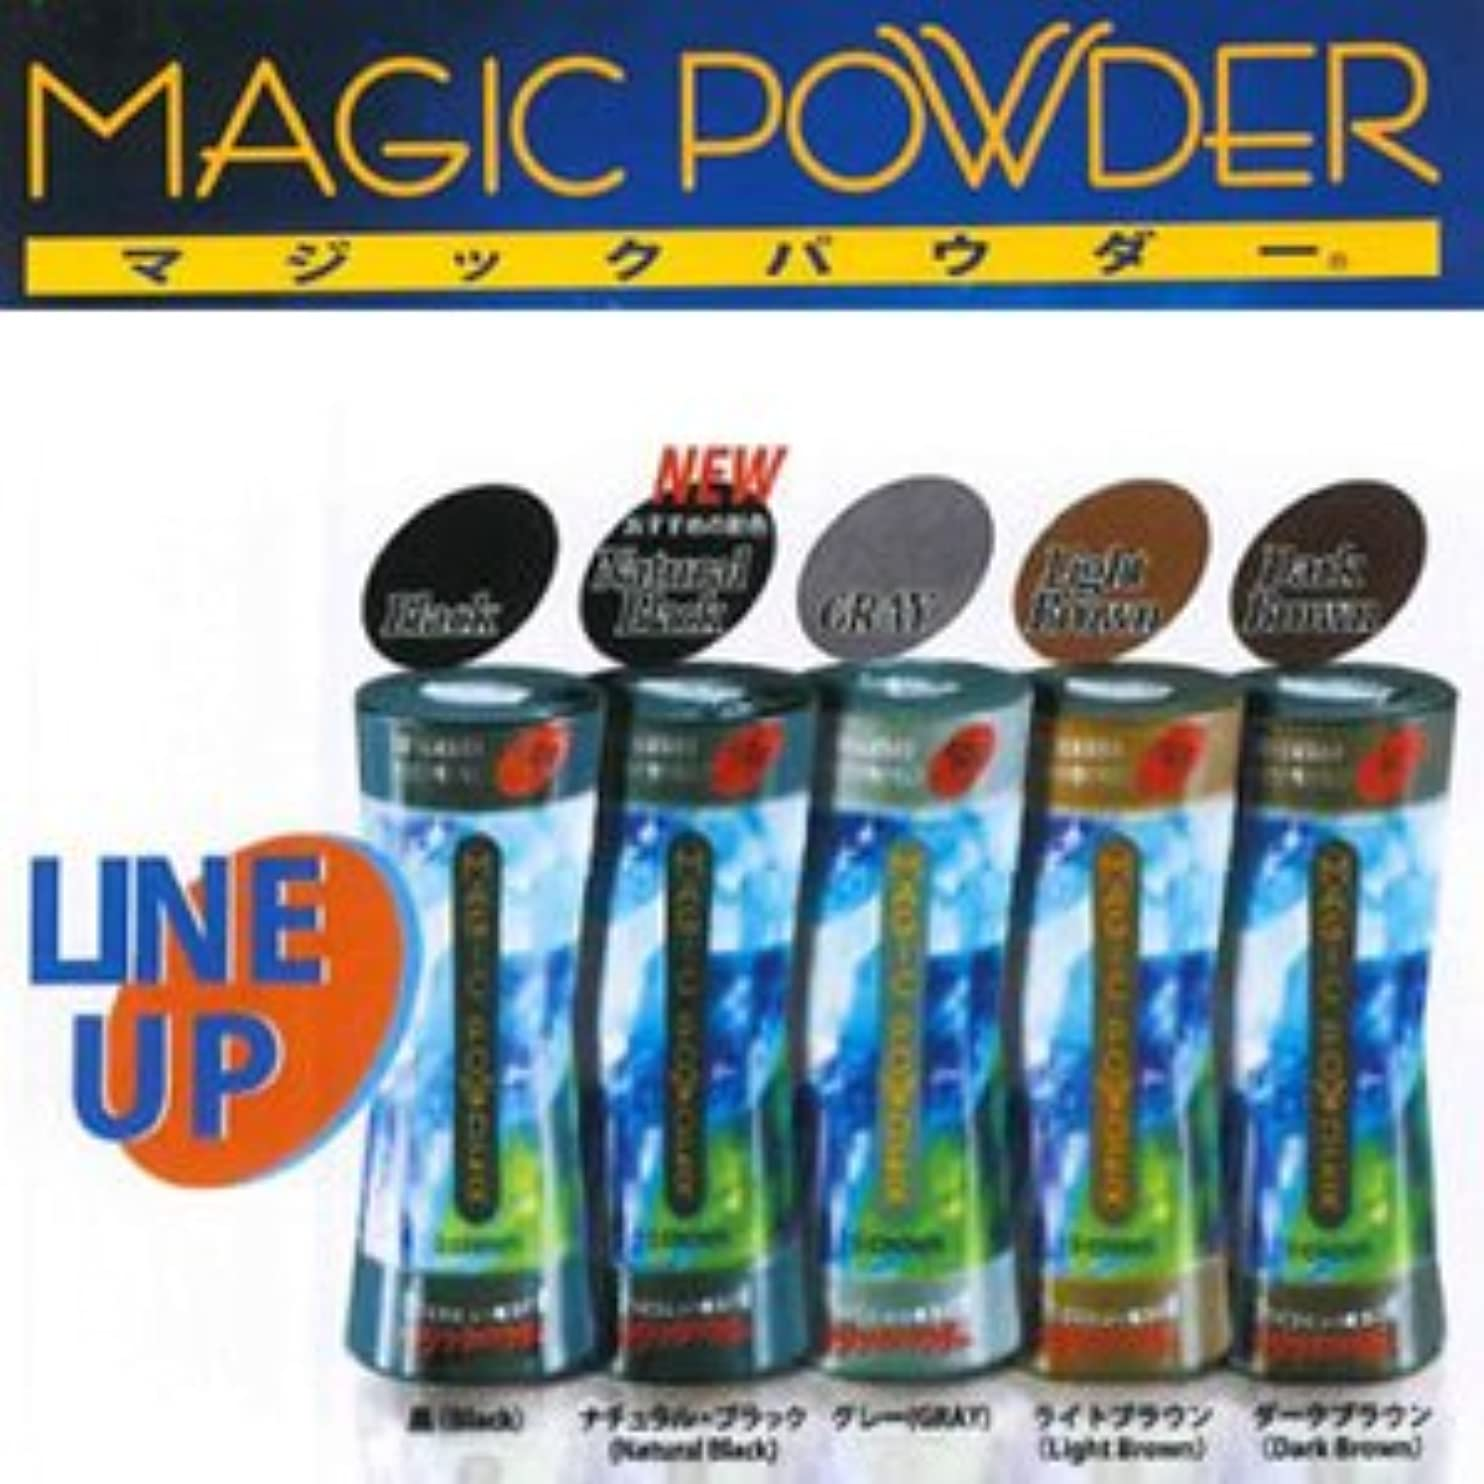 ピービッシュカウンタ許可MAGIC POWDER マジックパウダー ダークブラウン 50g  2個セット ※貴方の髪を簡単ボリュームアップ!